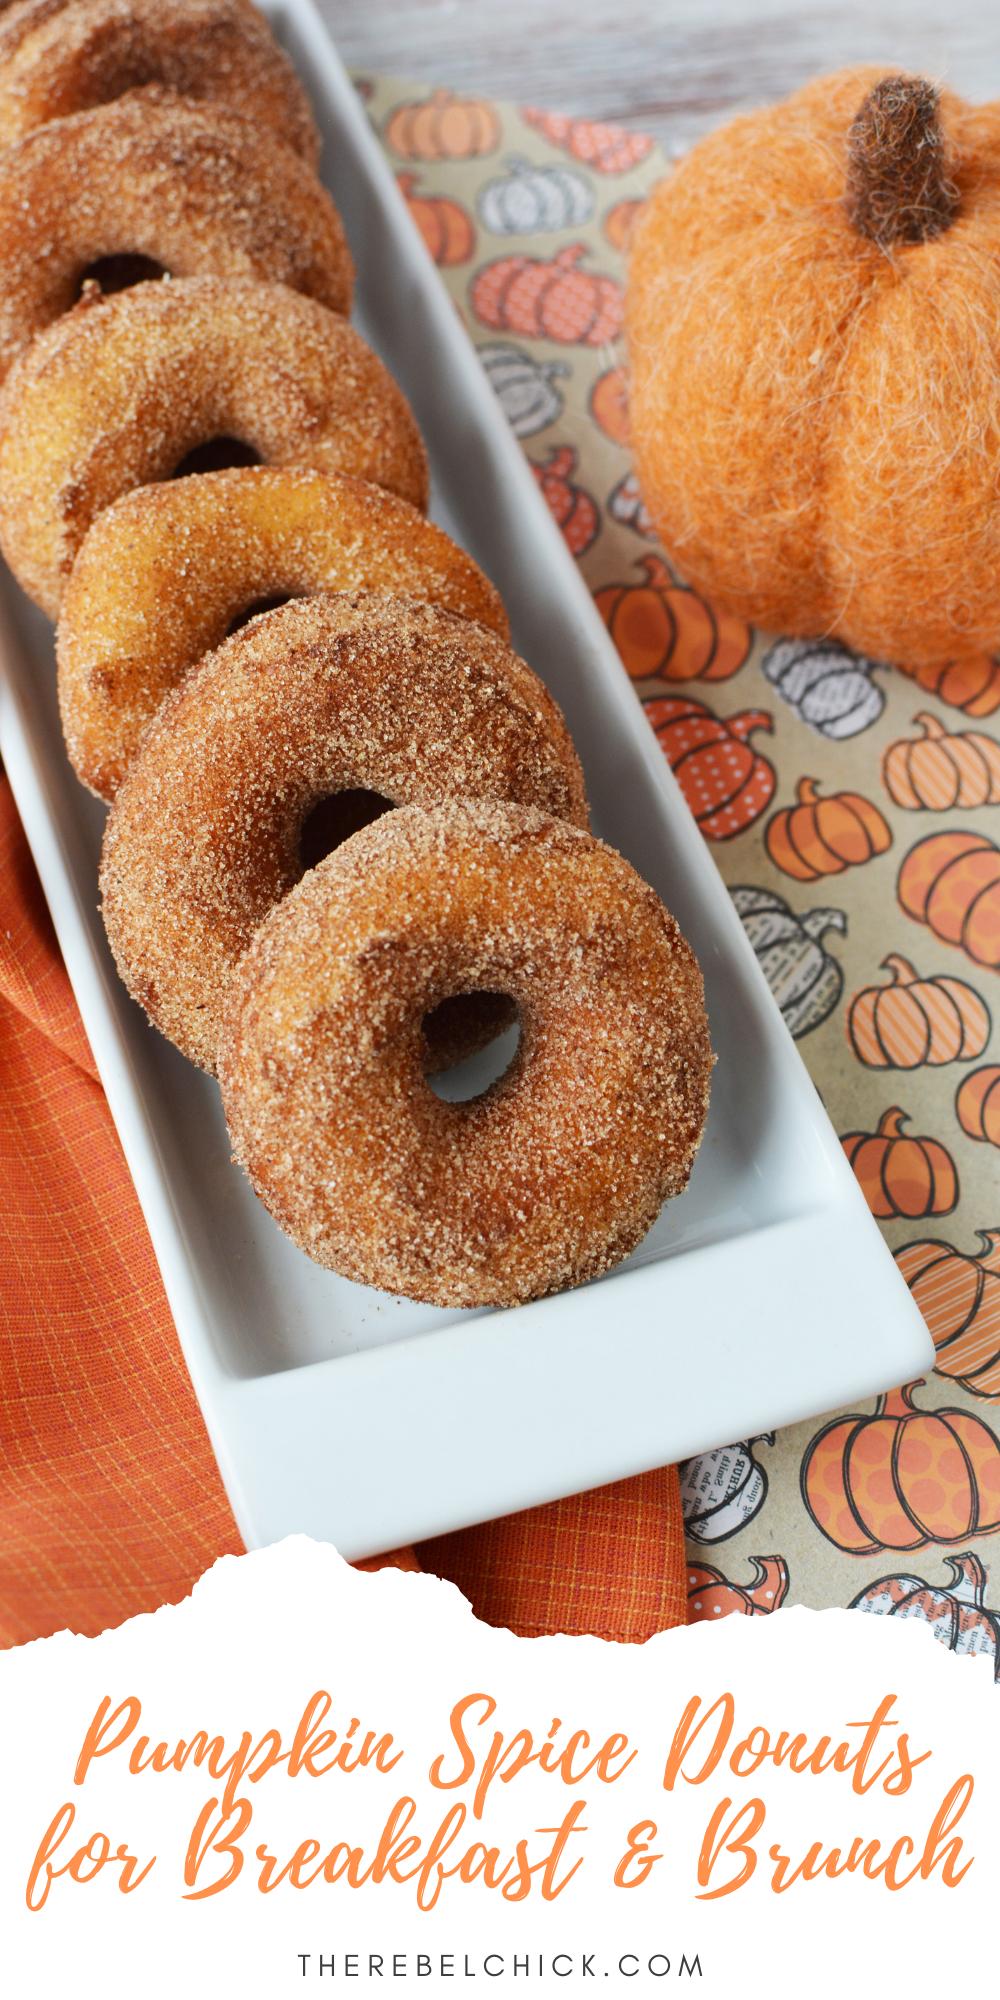 Pumpkin Spice Donuts Recipe for Breakfast & Brunch